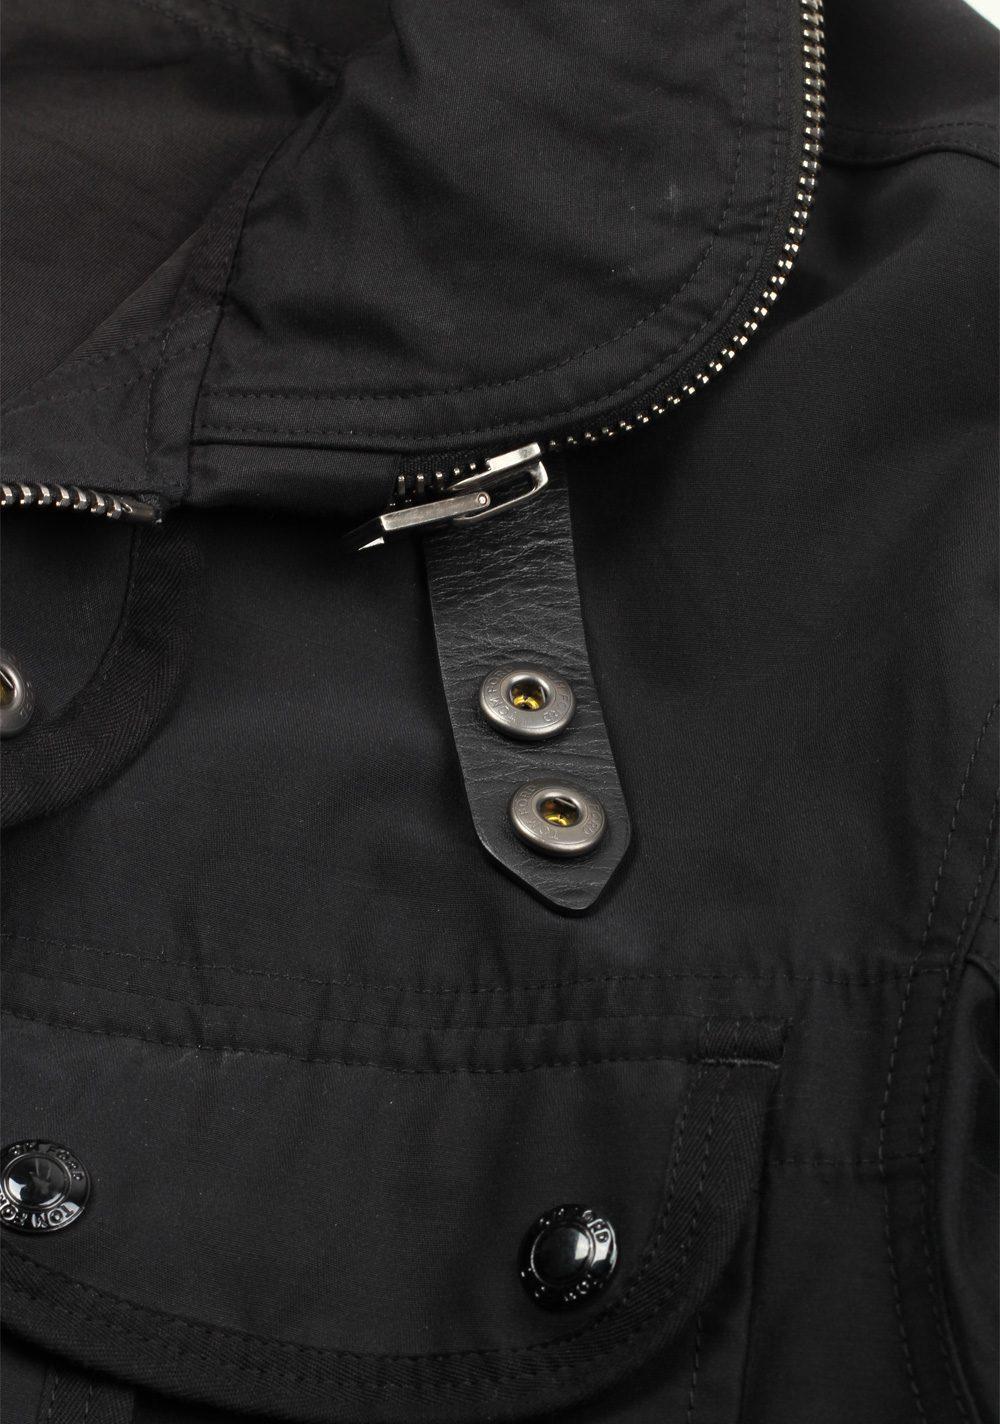 TOM FORD Black Zipper Jacket Coat Size 48 / 38 U.S. Outerwear   Costume Limité